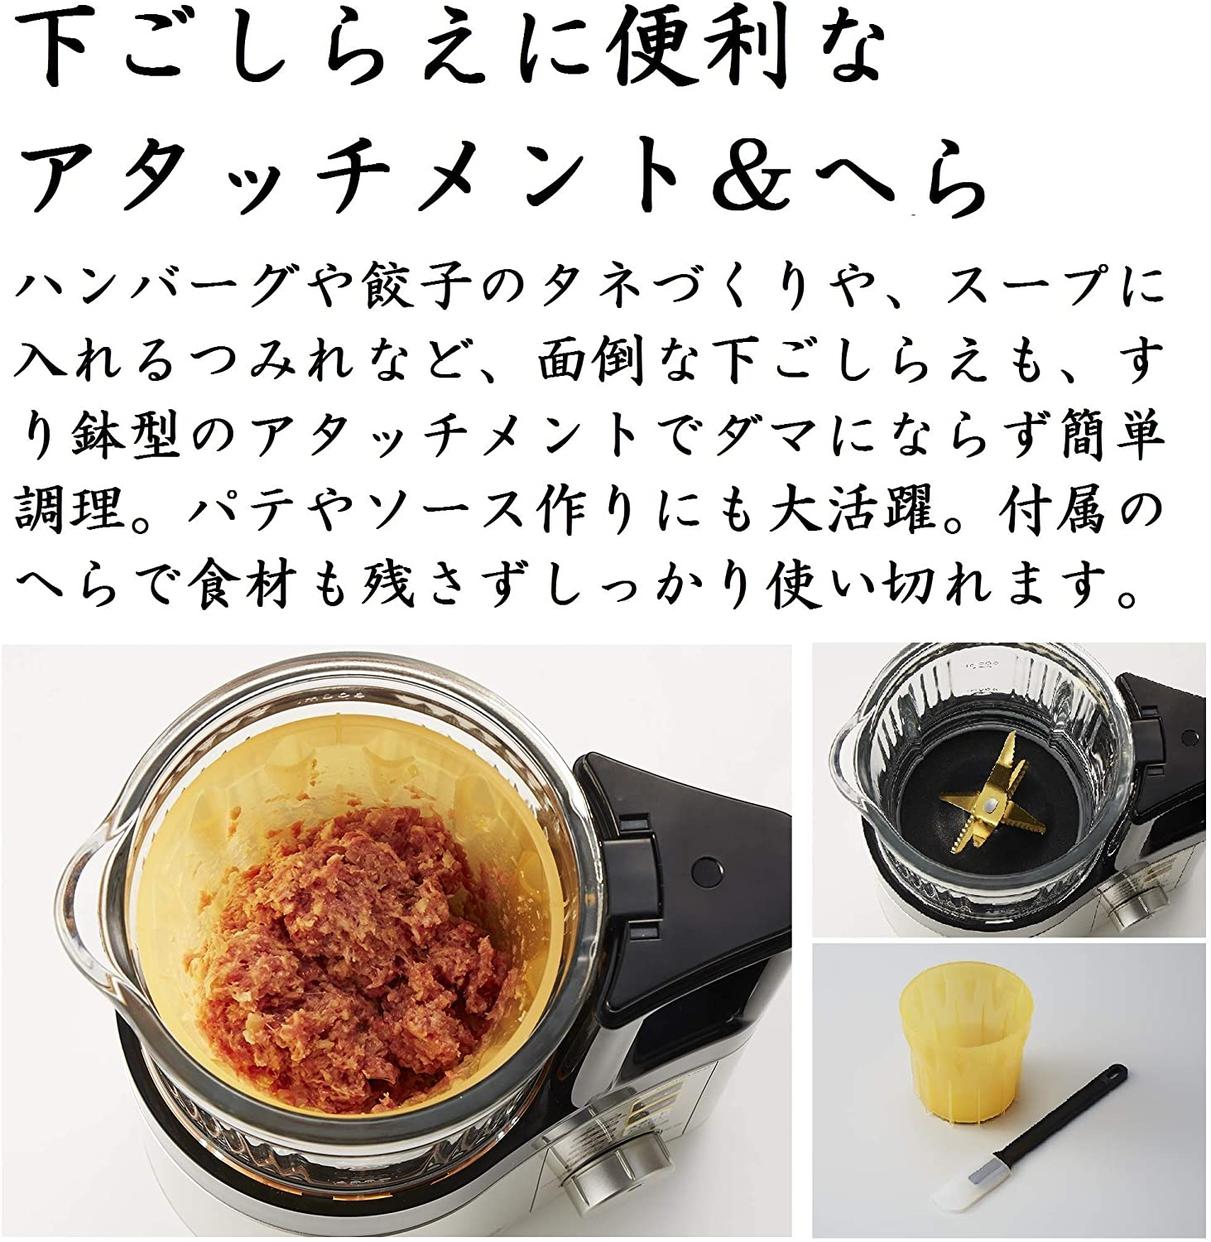 KOIZUMI(コイズミ) スープメーカー KSM-1020/Nの商品画像5